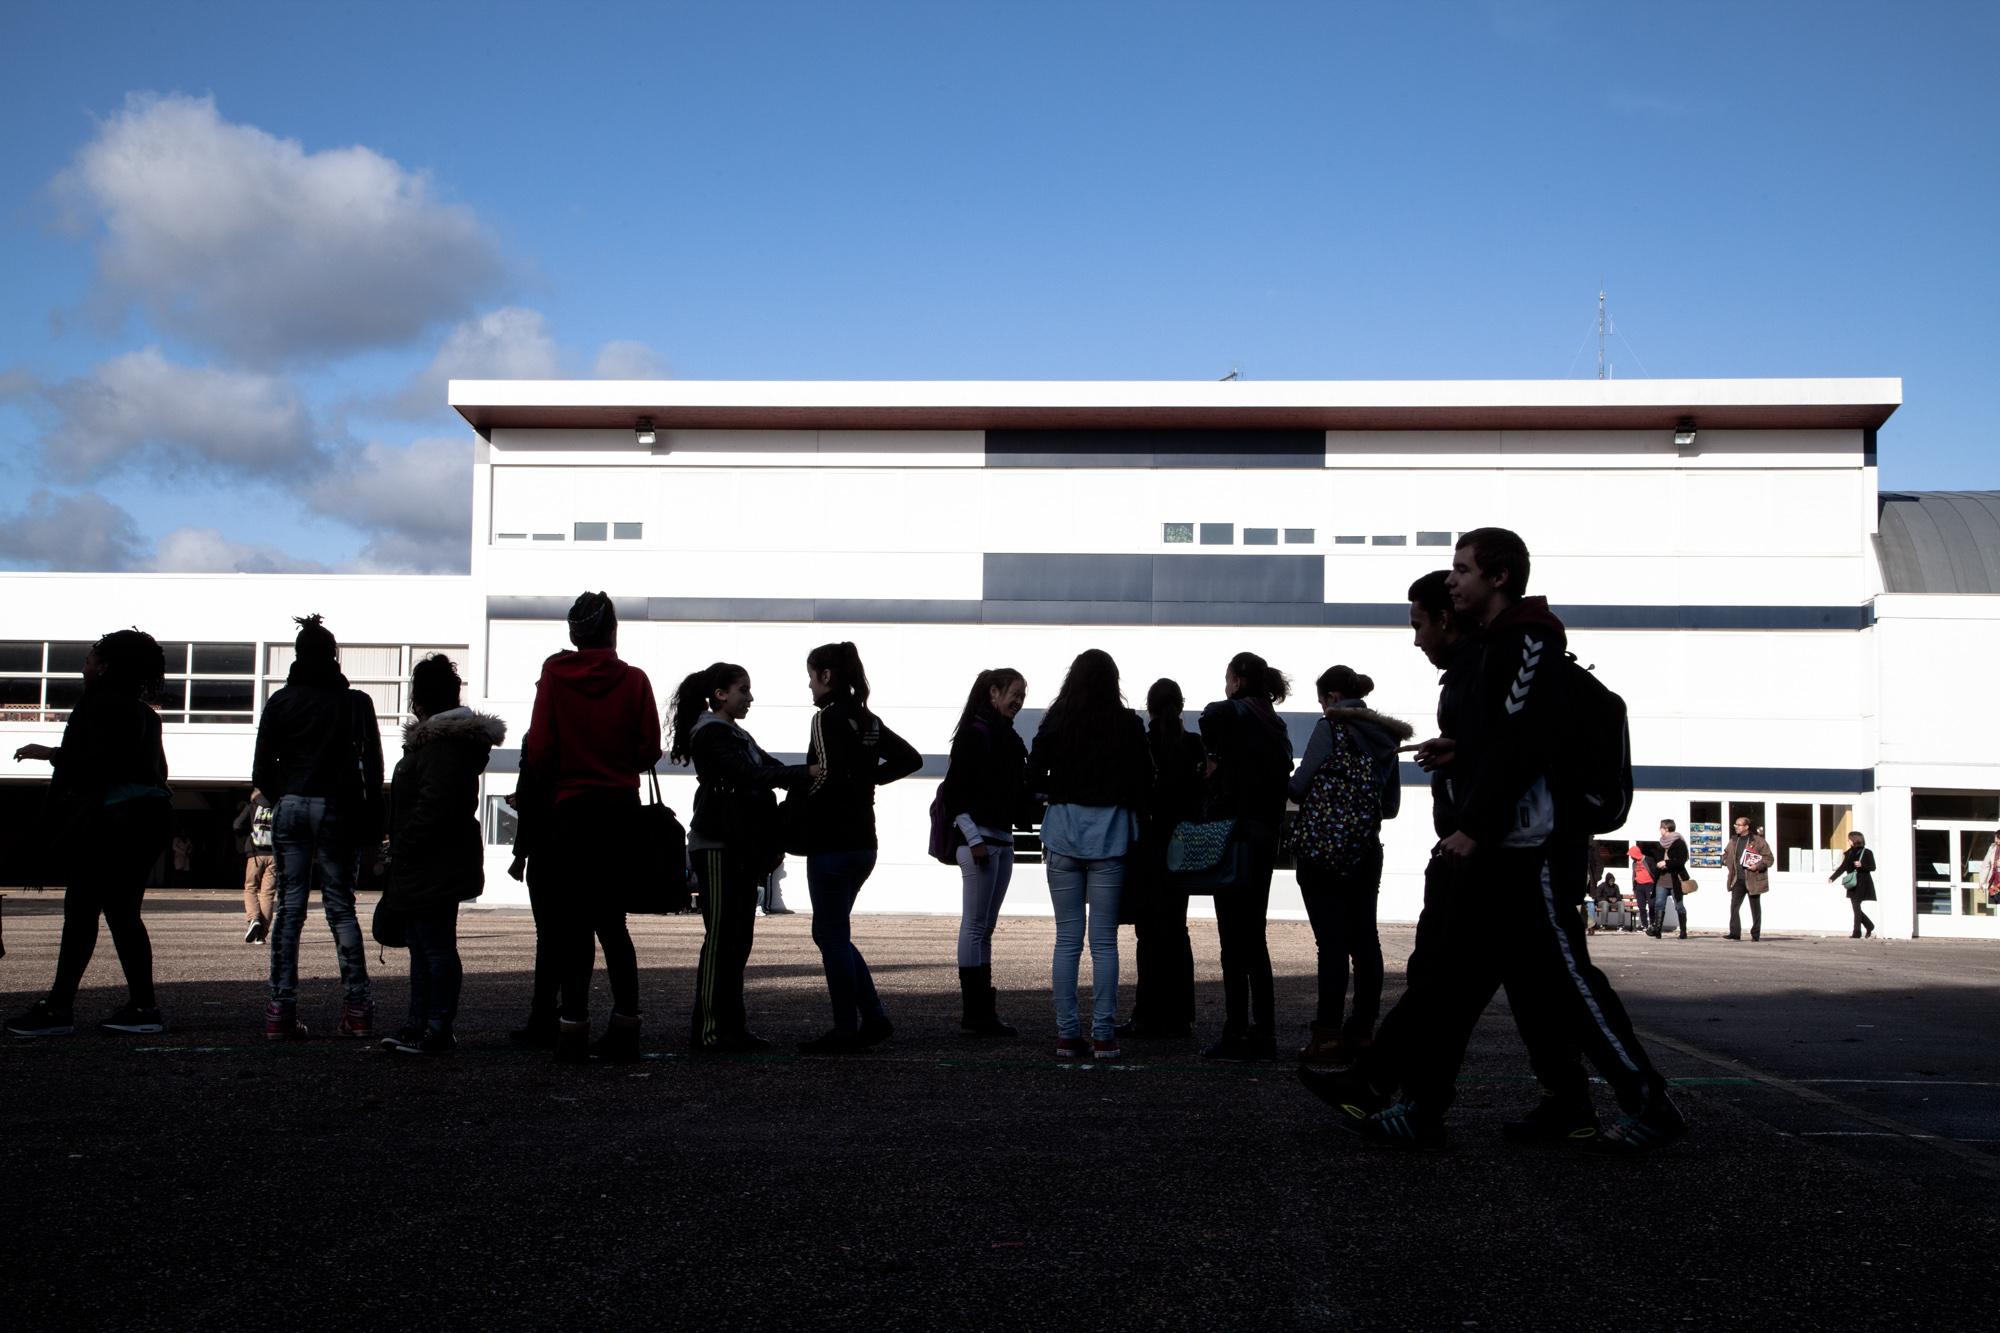 Le collège Pablo Neruda, labellisé  ECLAIR , est situé au coeur du quartier de la Madeleine. Il propose une démarche pédagogique innovante et offre aux 370 élèves de nombreux dispositifs permettant un enseignement personnalisé.  Extrait du projetLes pieds dans la Franceco-réalisé avecStéphane DouléetCamille Millerand.   http://www.unpieddanslafrance.fr/evreux